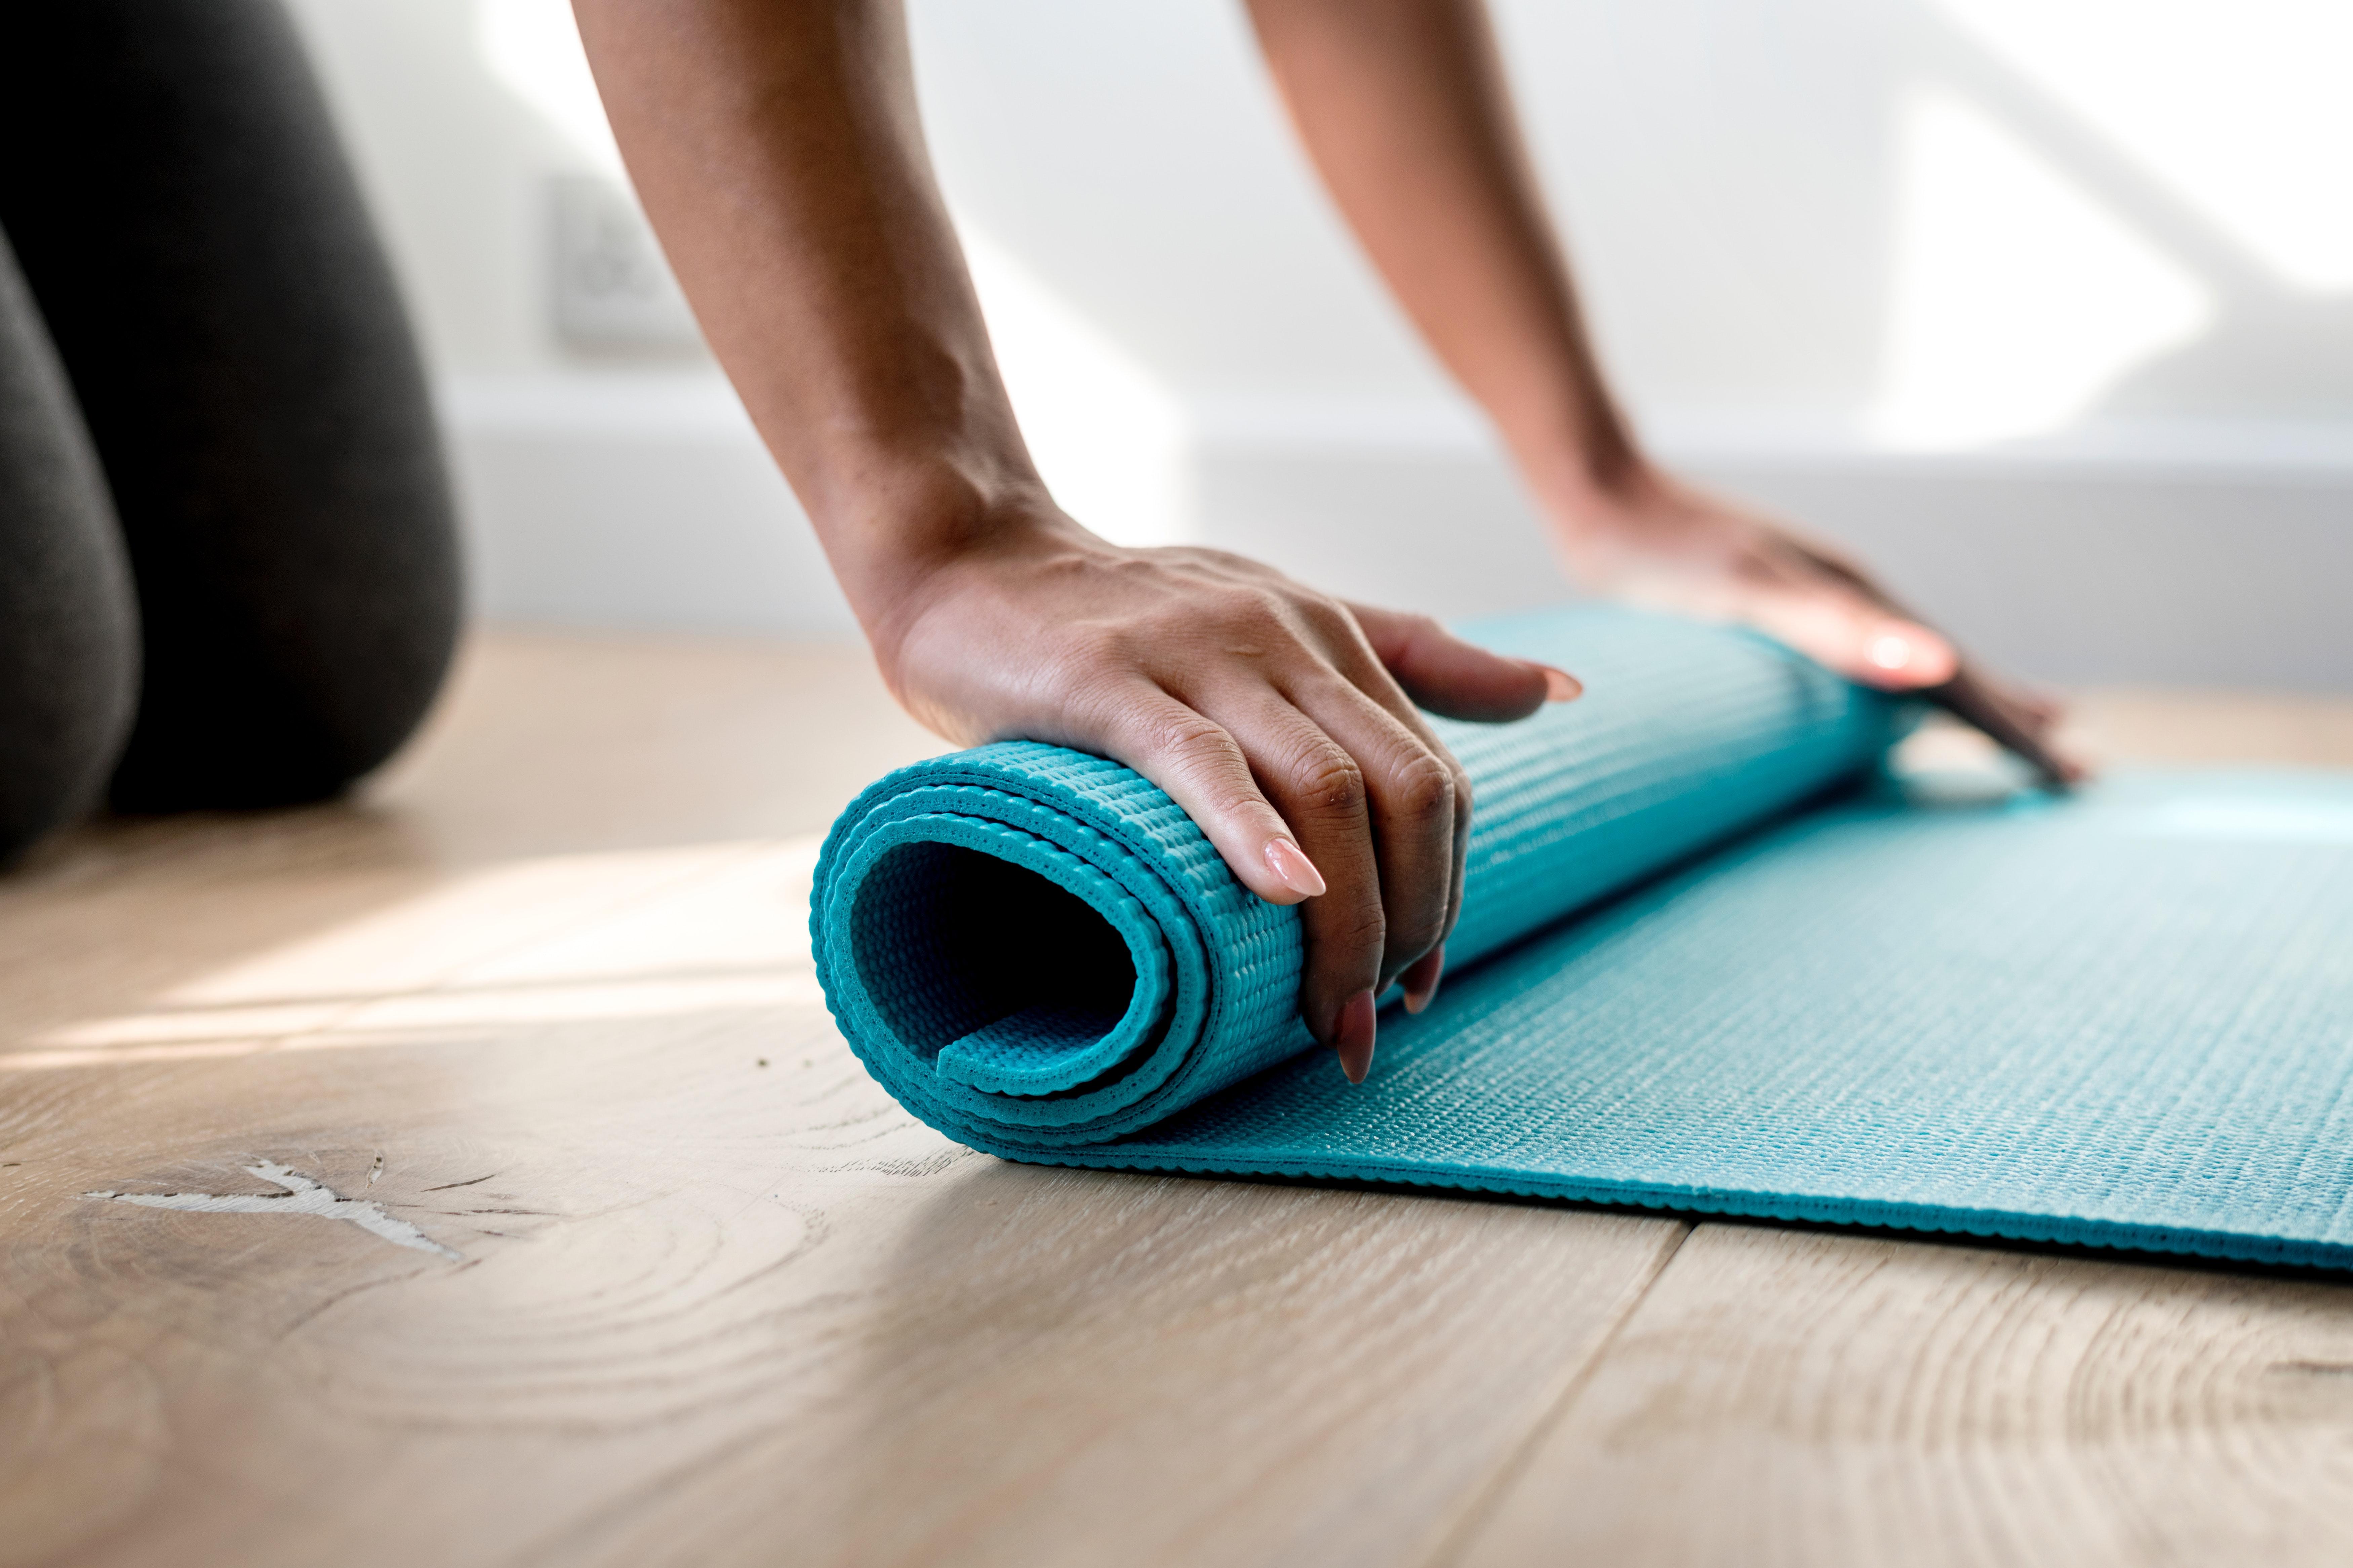 Yogamatte als Hilfsmittel